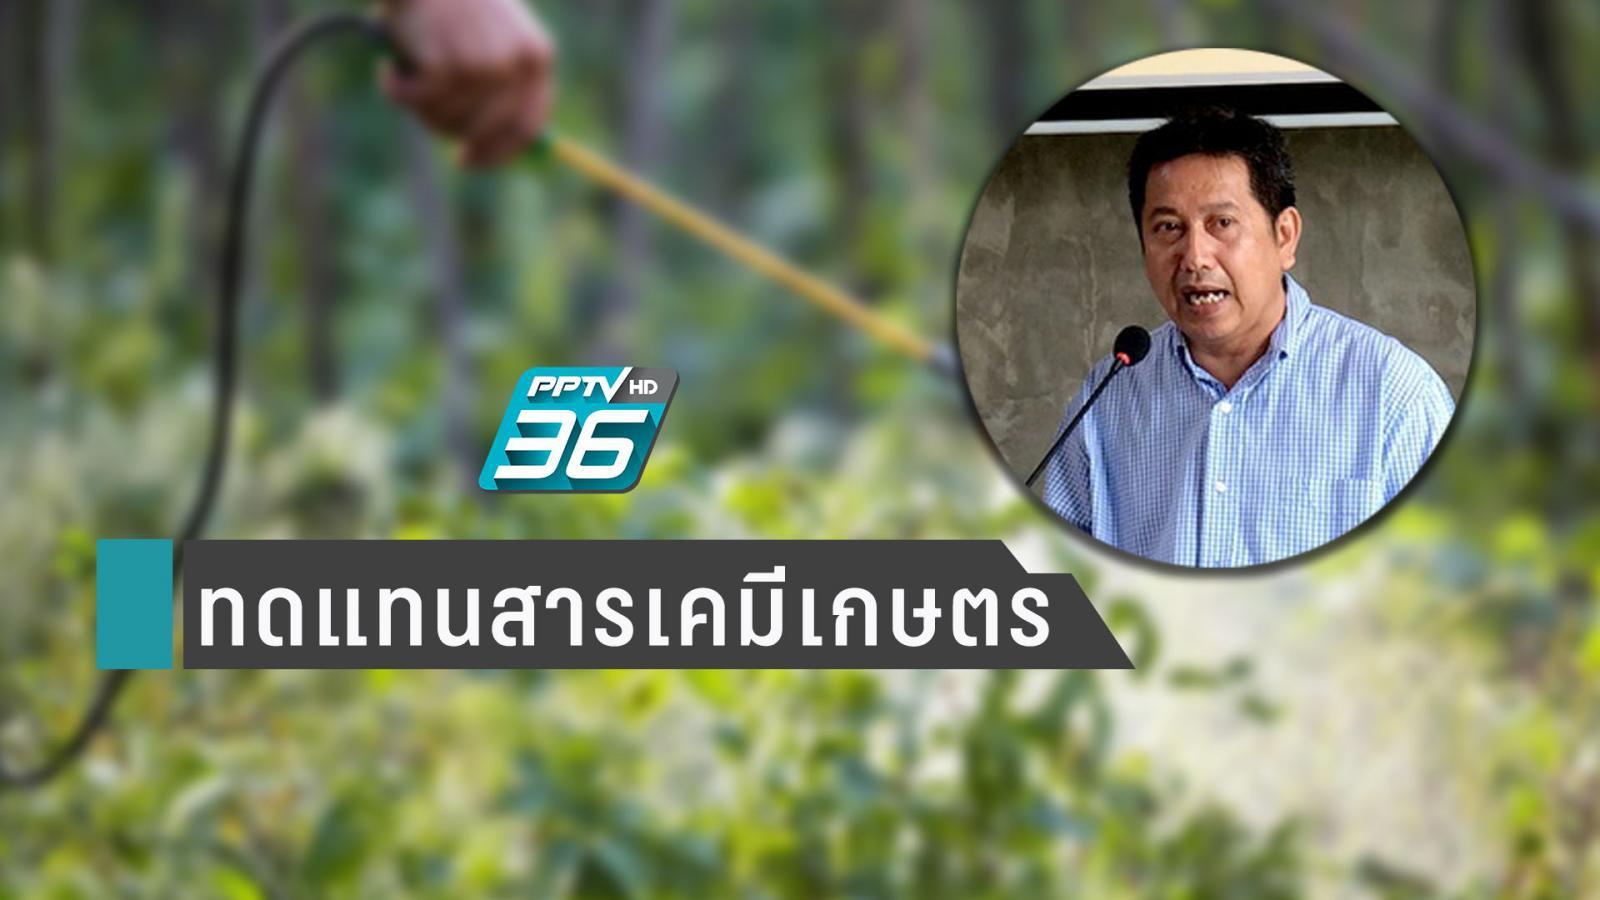 ไบโอไทยหารือก.เกษตรฯ แนะแนวทางใช้ทดแทน 'สารเคมี 3 ชนิด'